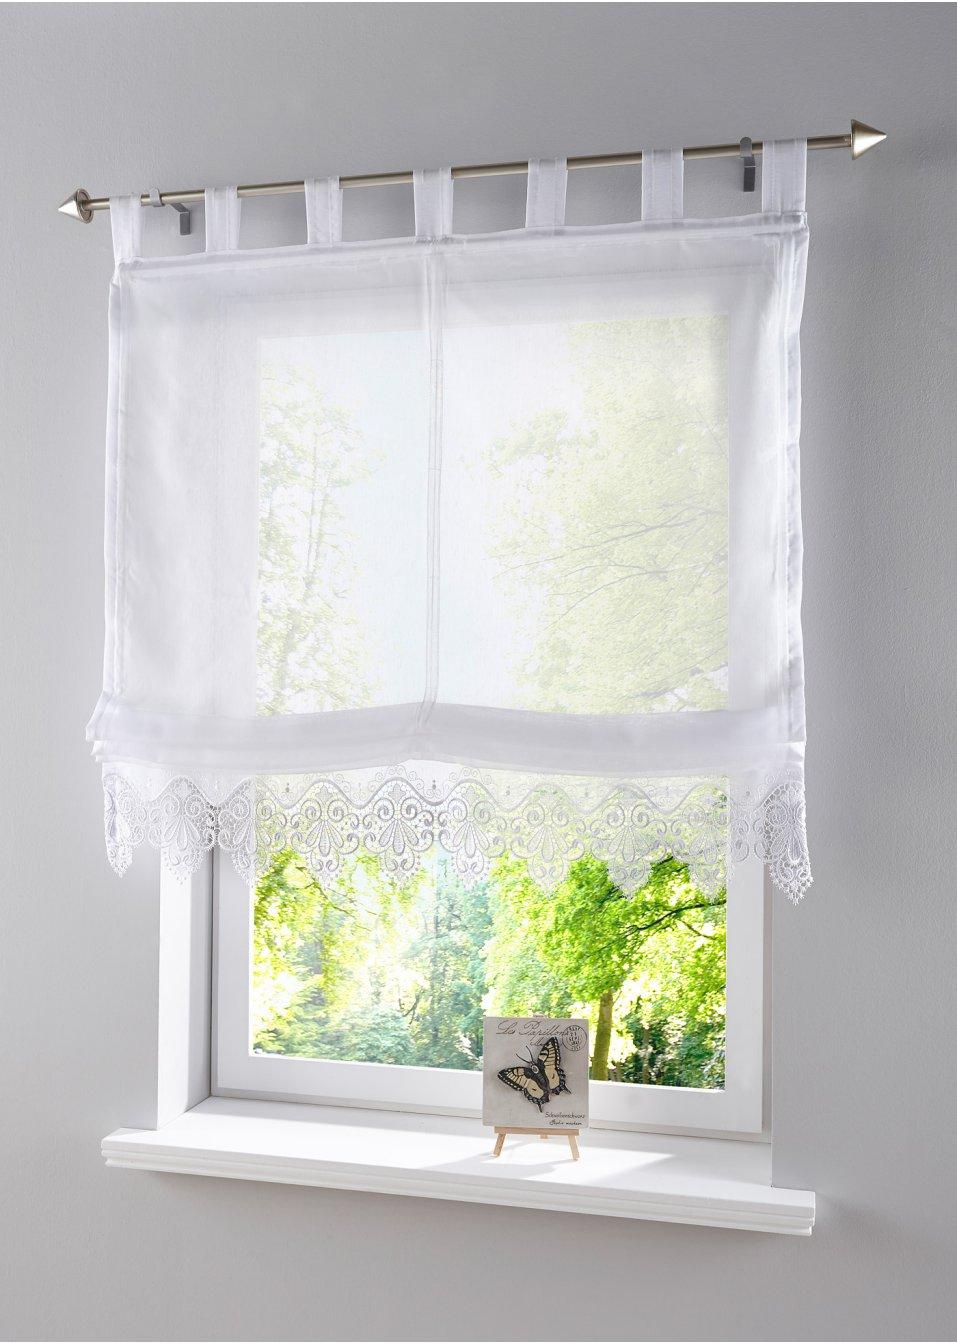 raffrollo spitze schlaufen wei bpc living online. Black Bedroom Furniture Sets. Home Design Ideas